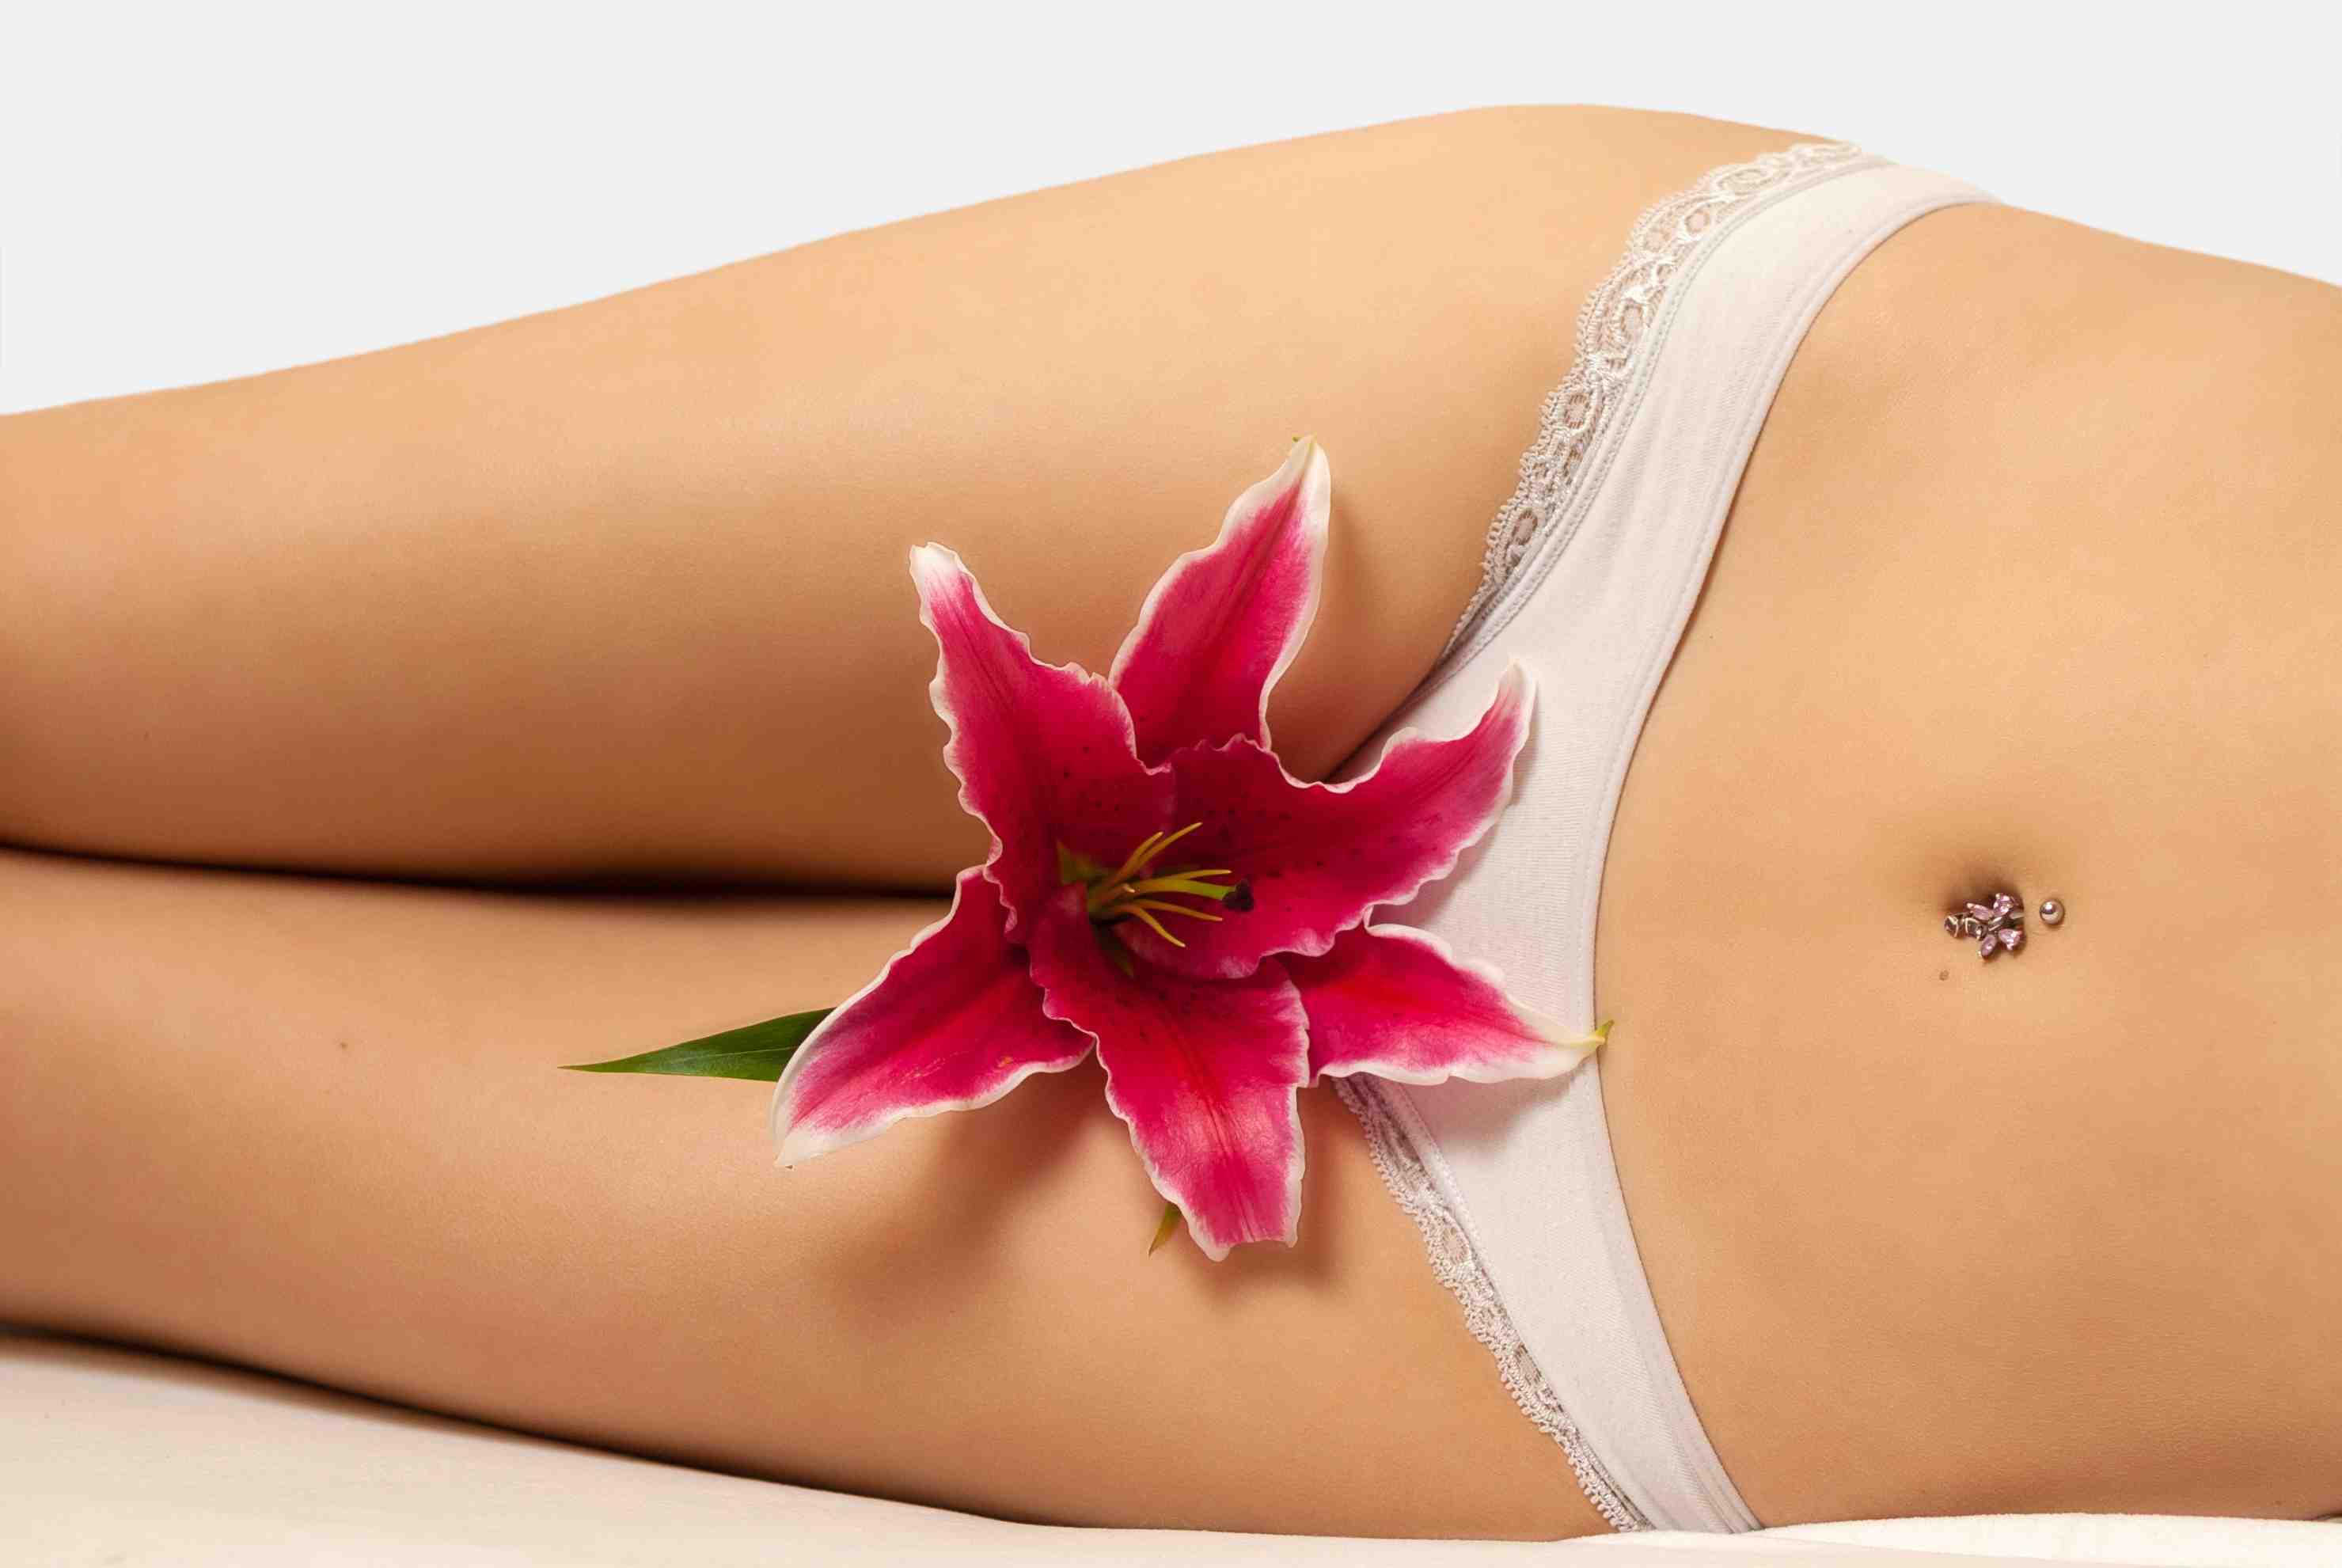 Интимная женская красота: какие проблемы решает лабиопластика